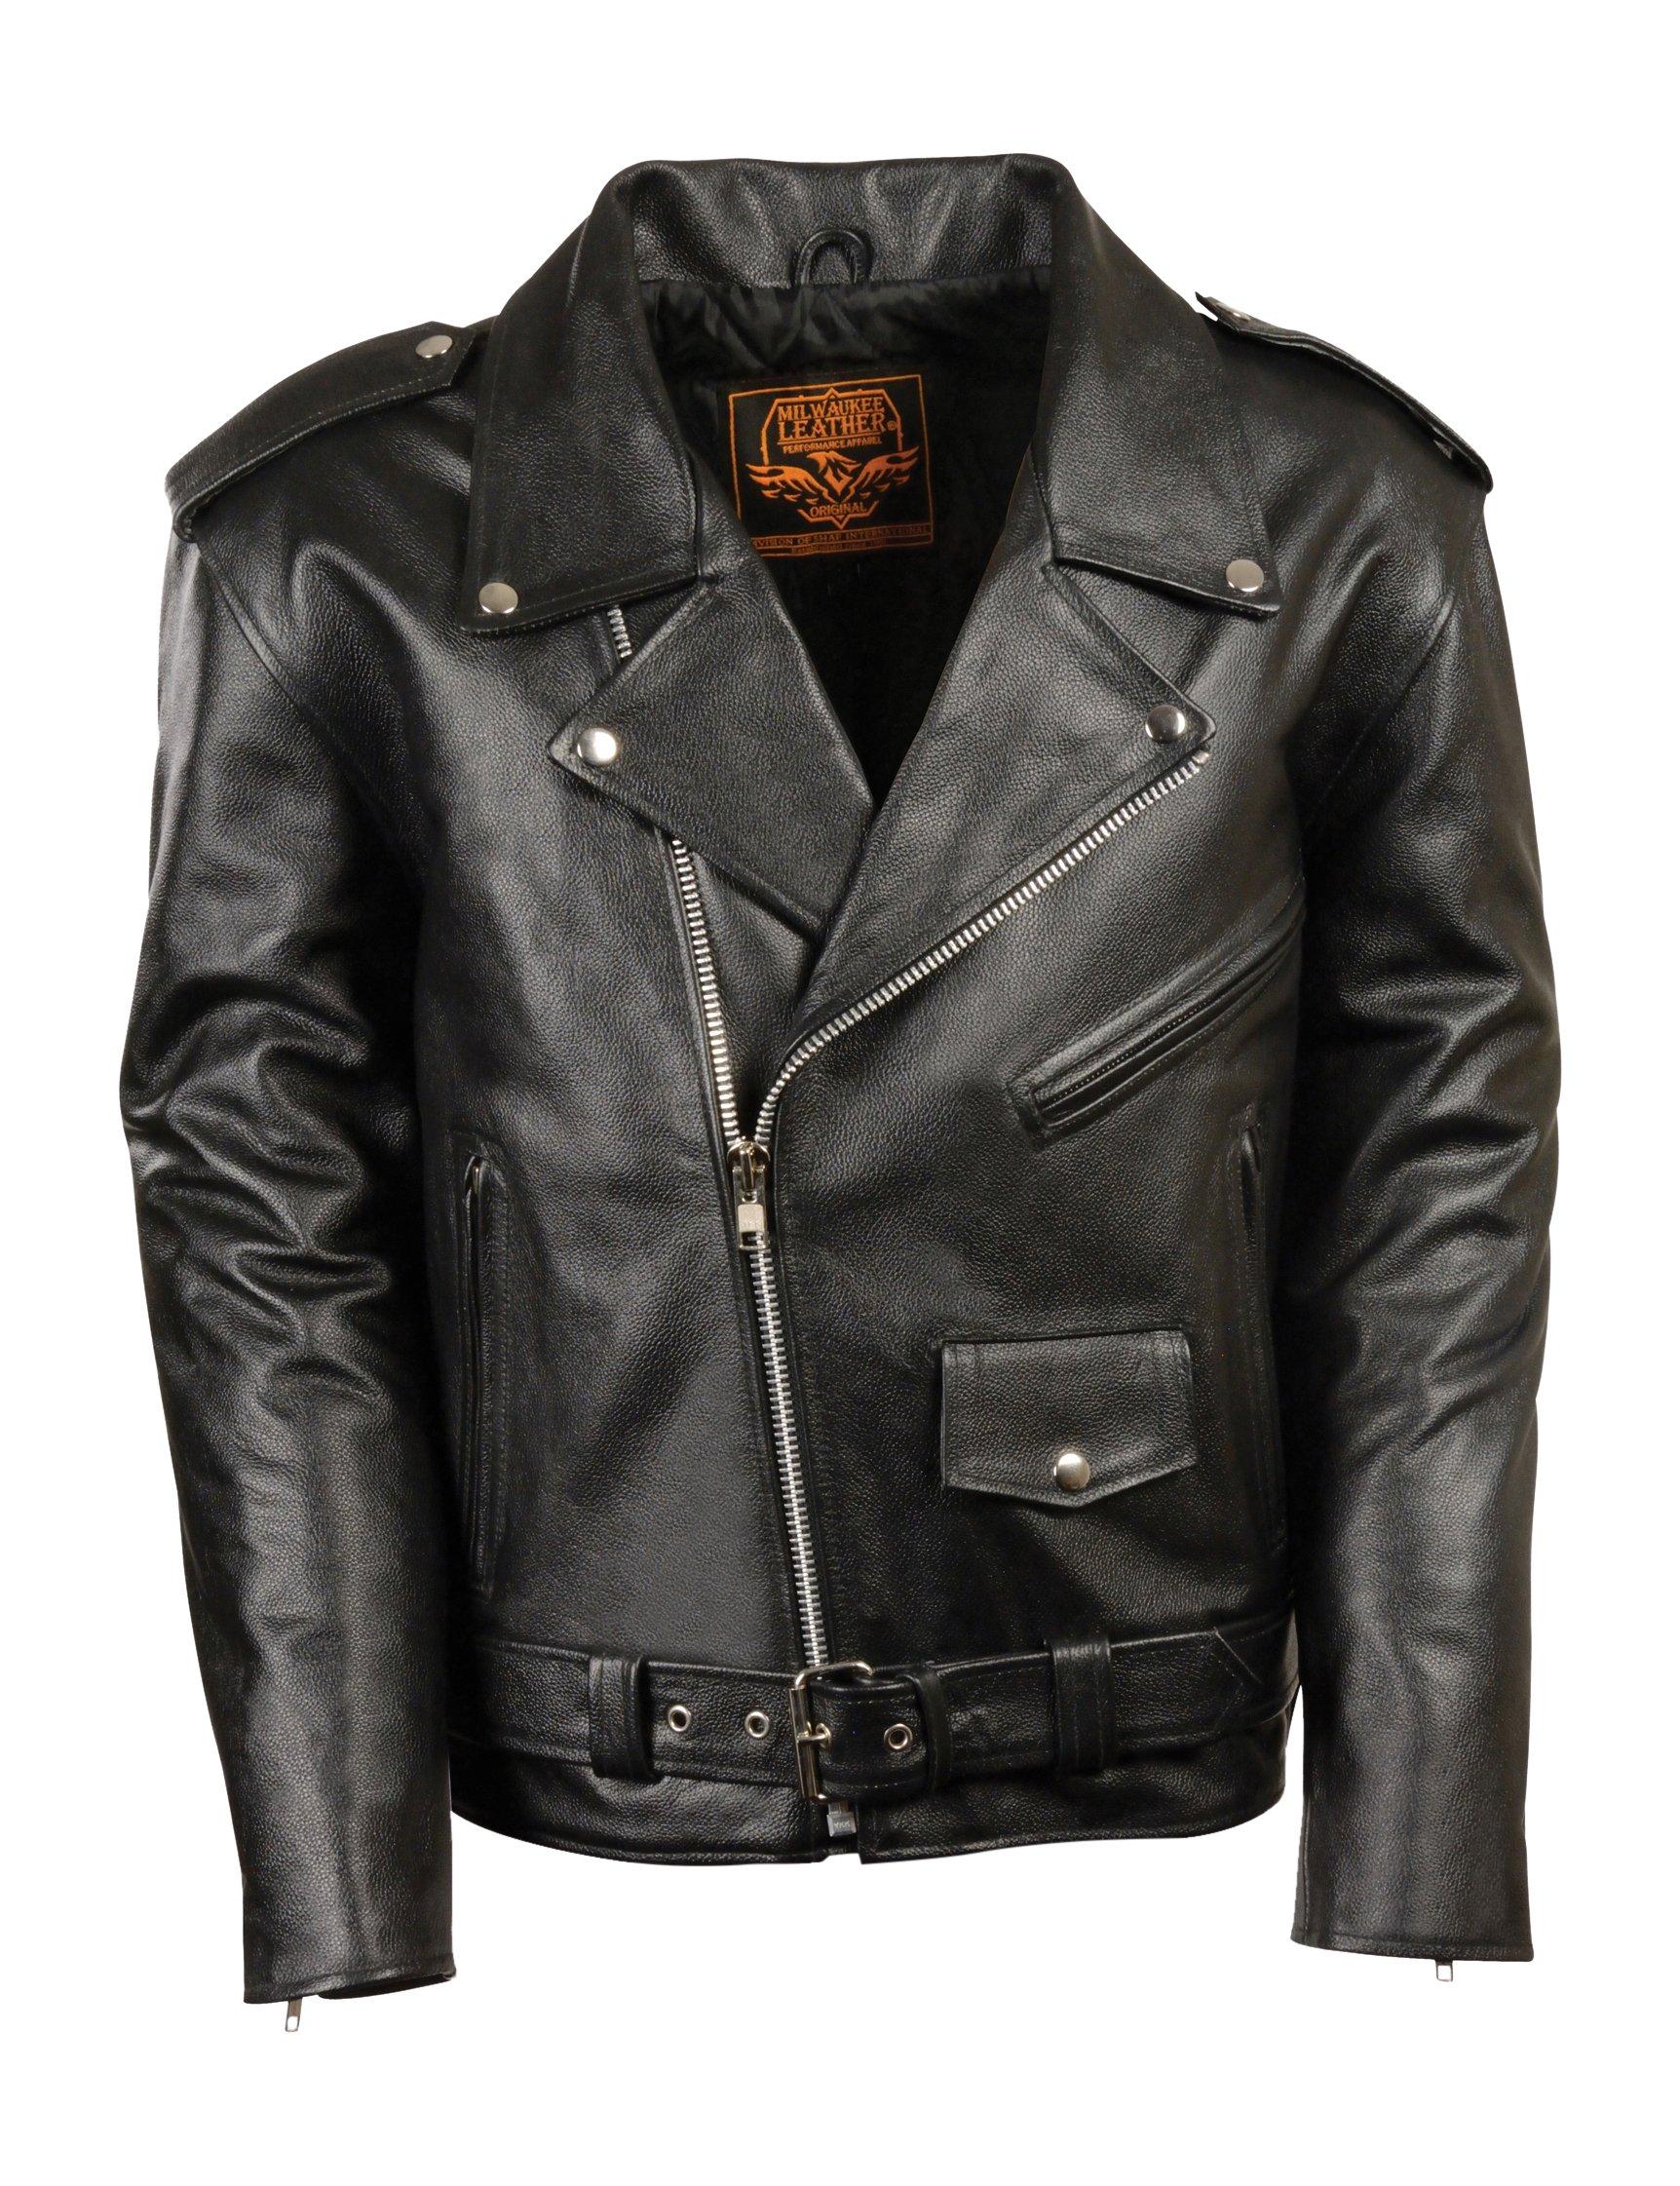 Milwaukee Leather LKY1950-BLK-26 Boys' Basic Motorcycle Jacket (Youth) (Black, Size 26)